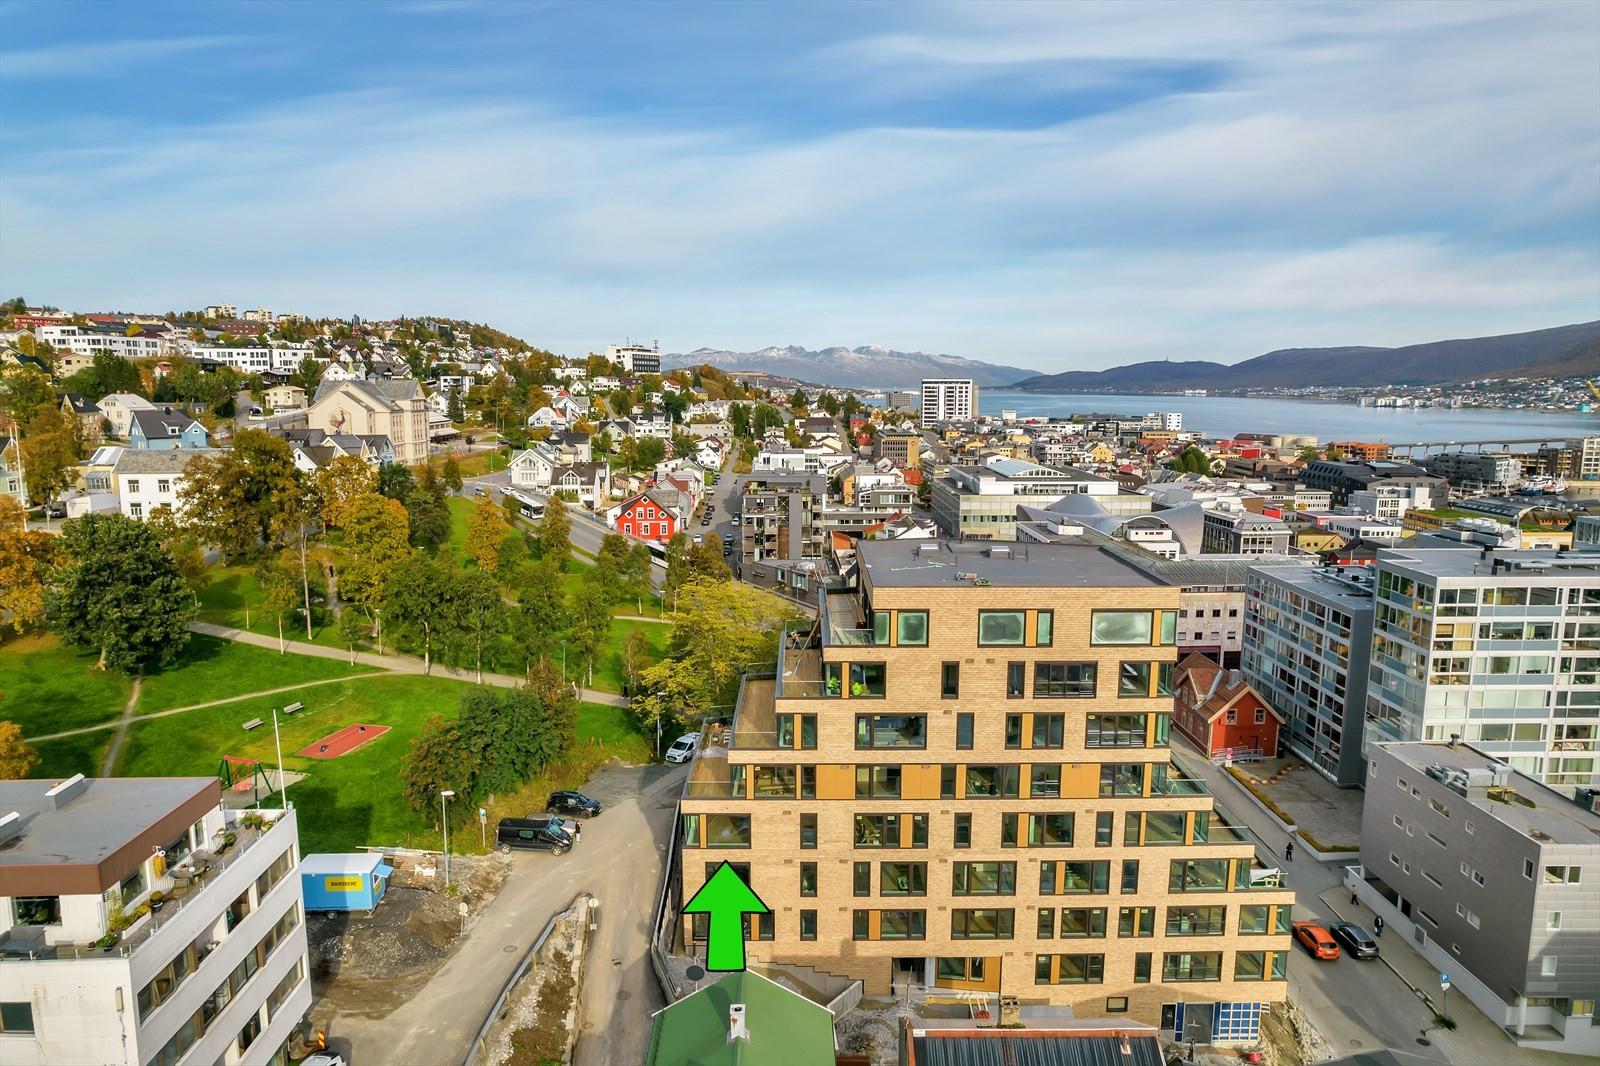 Bygget sett fra syd - leiligheten er merket med grønn pil